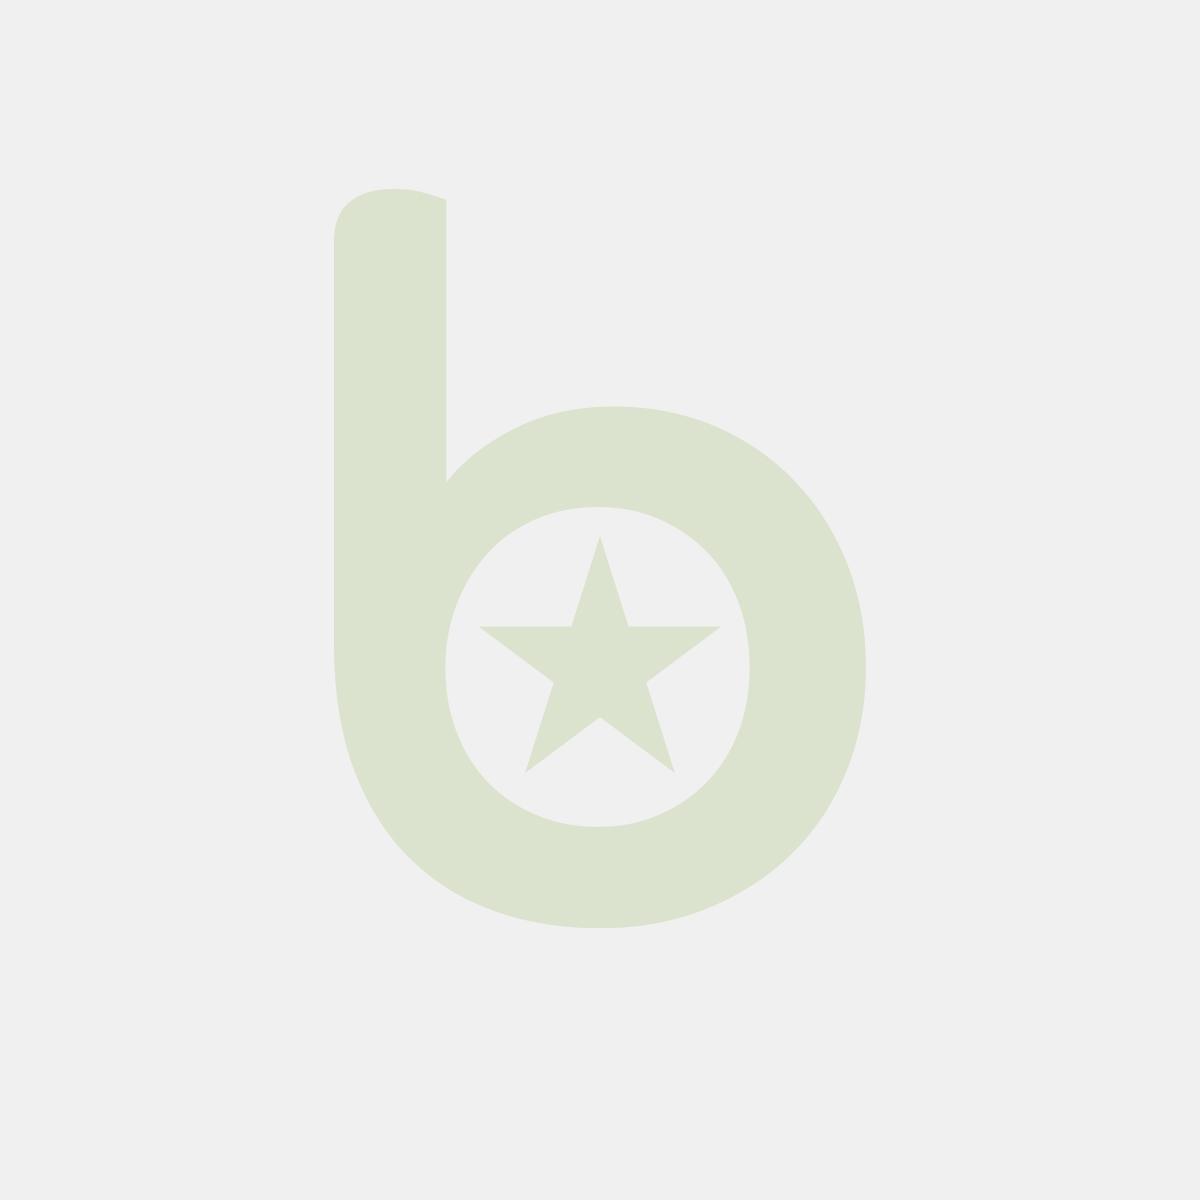 Pojemnik prostokątny do zgrzewu wysoki czarny K-227/80 2150ml, cena za opakowanie 440szt